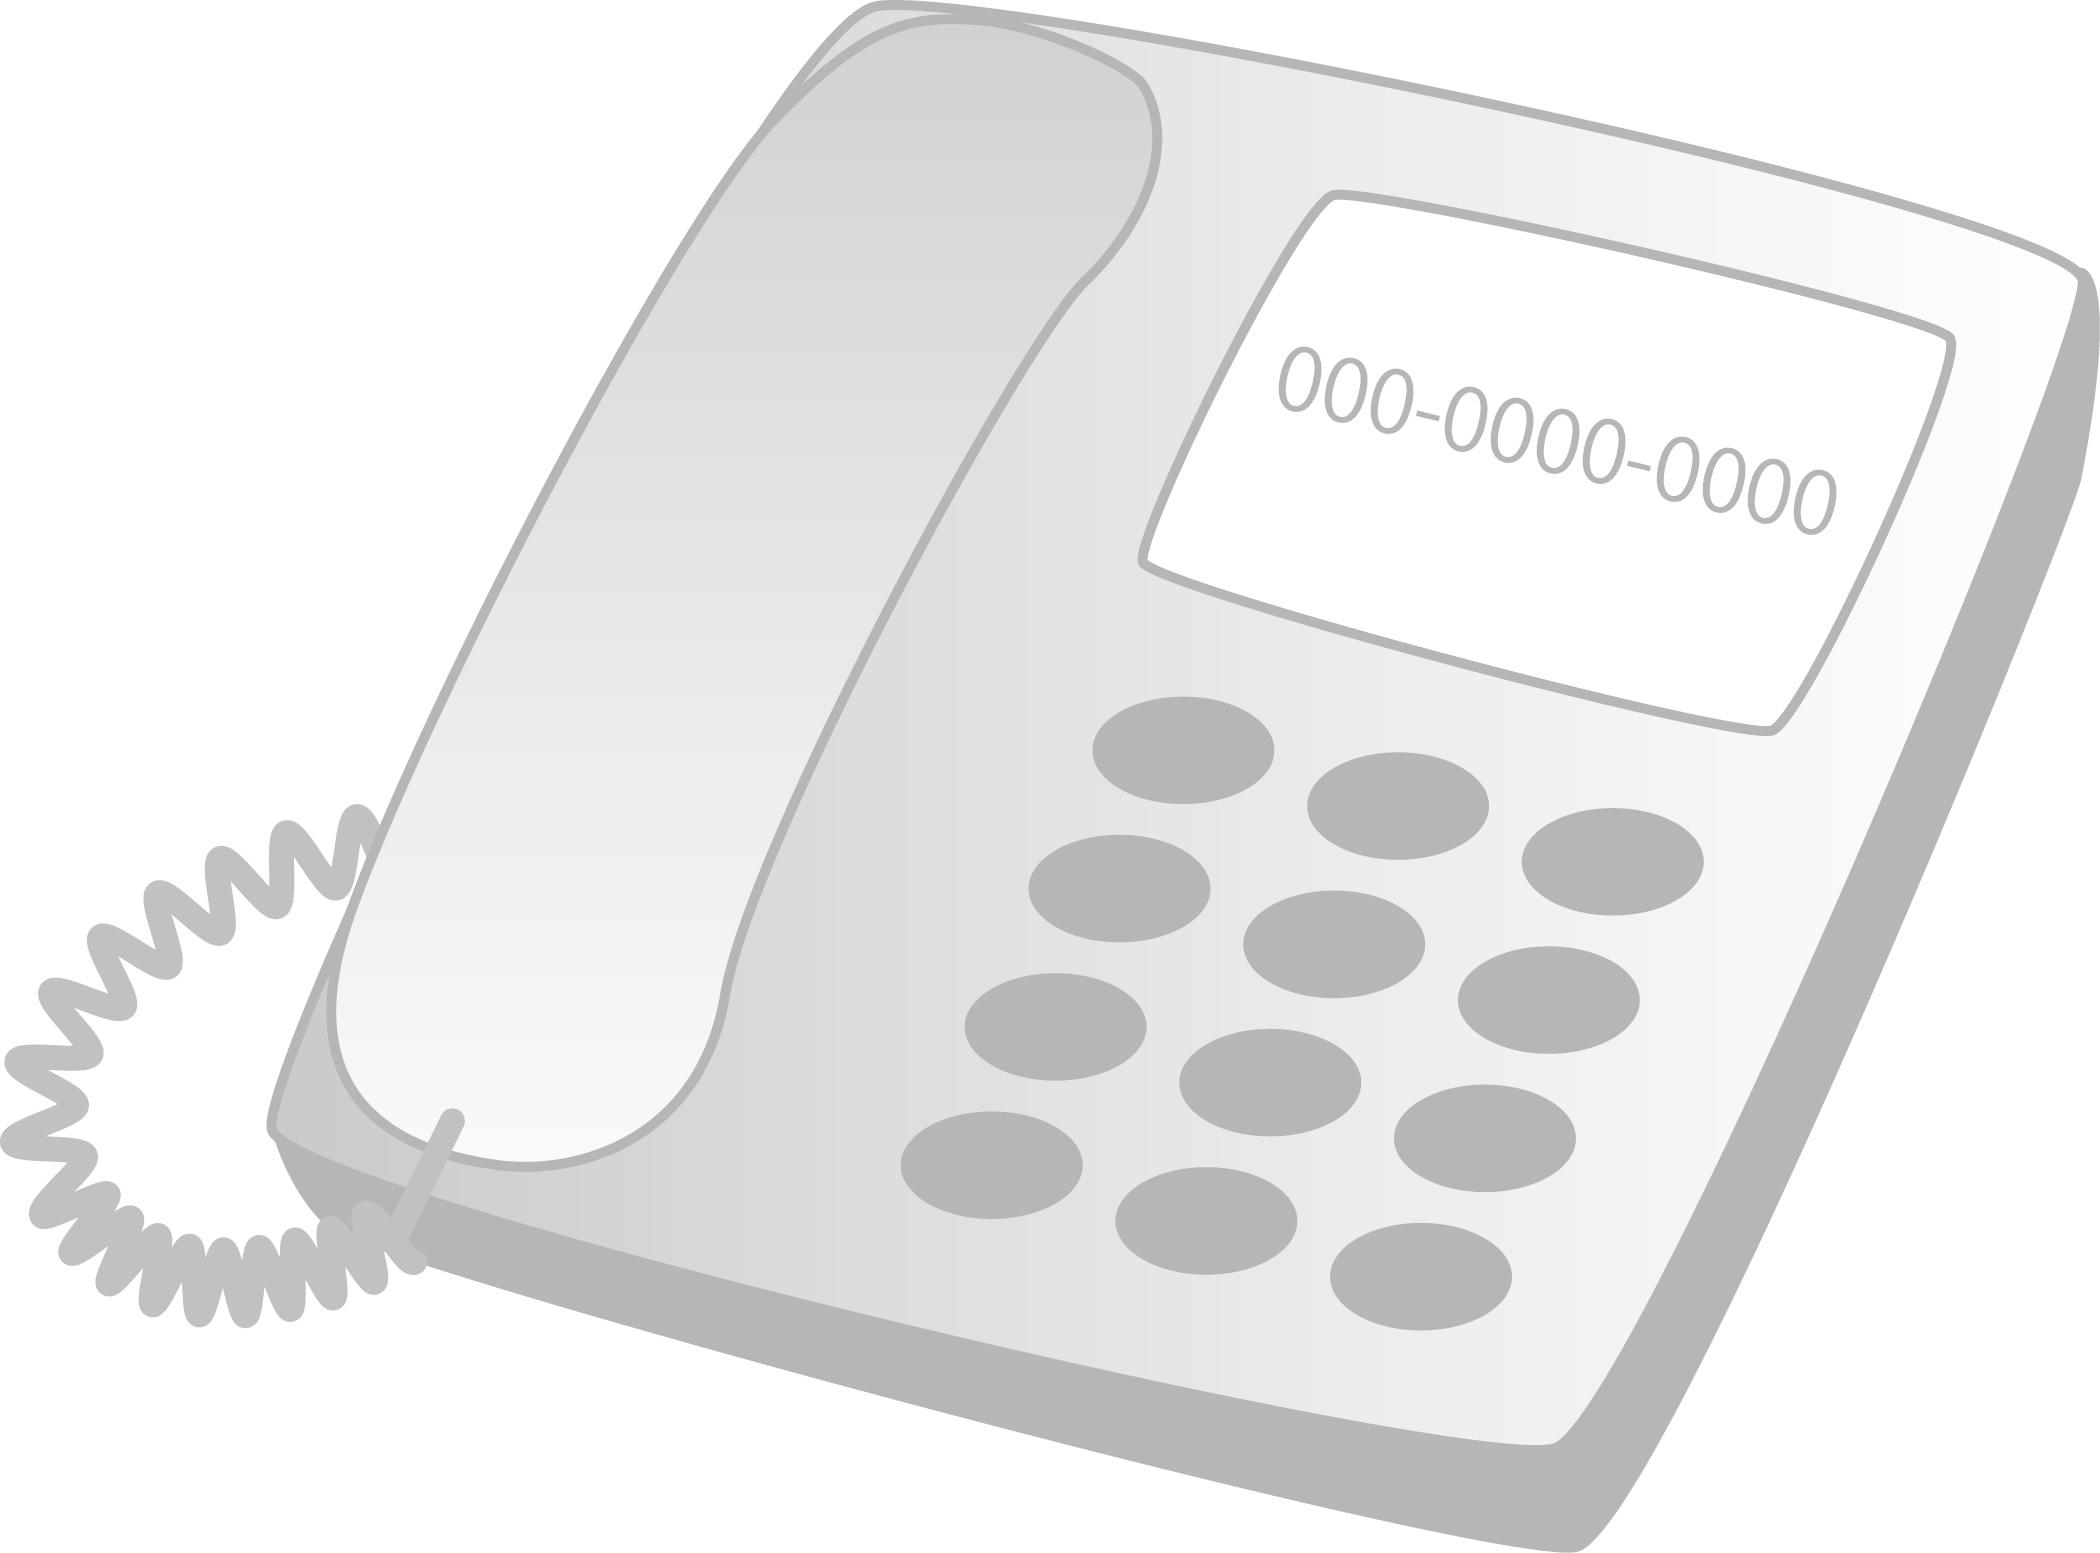 0800 で 始まる 電話 番号 0800から始まる電話番号は携帯電話から?フリーダイヤルなの?